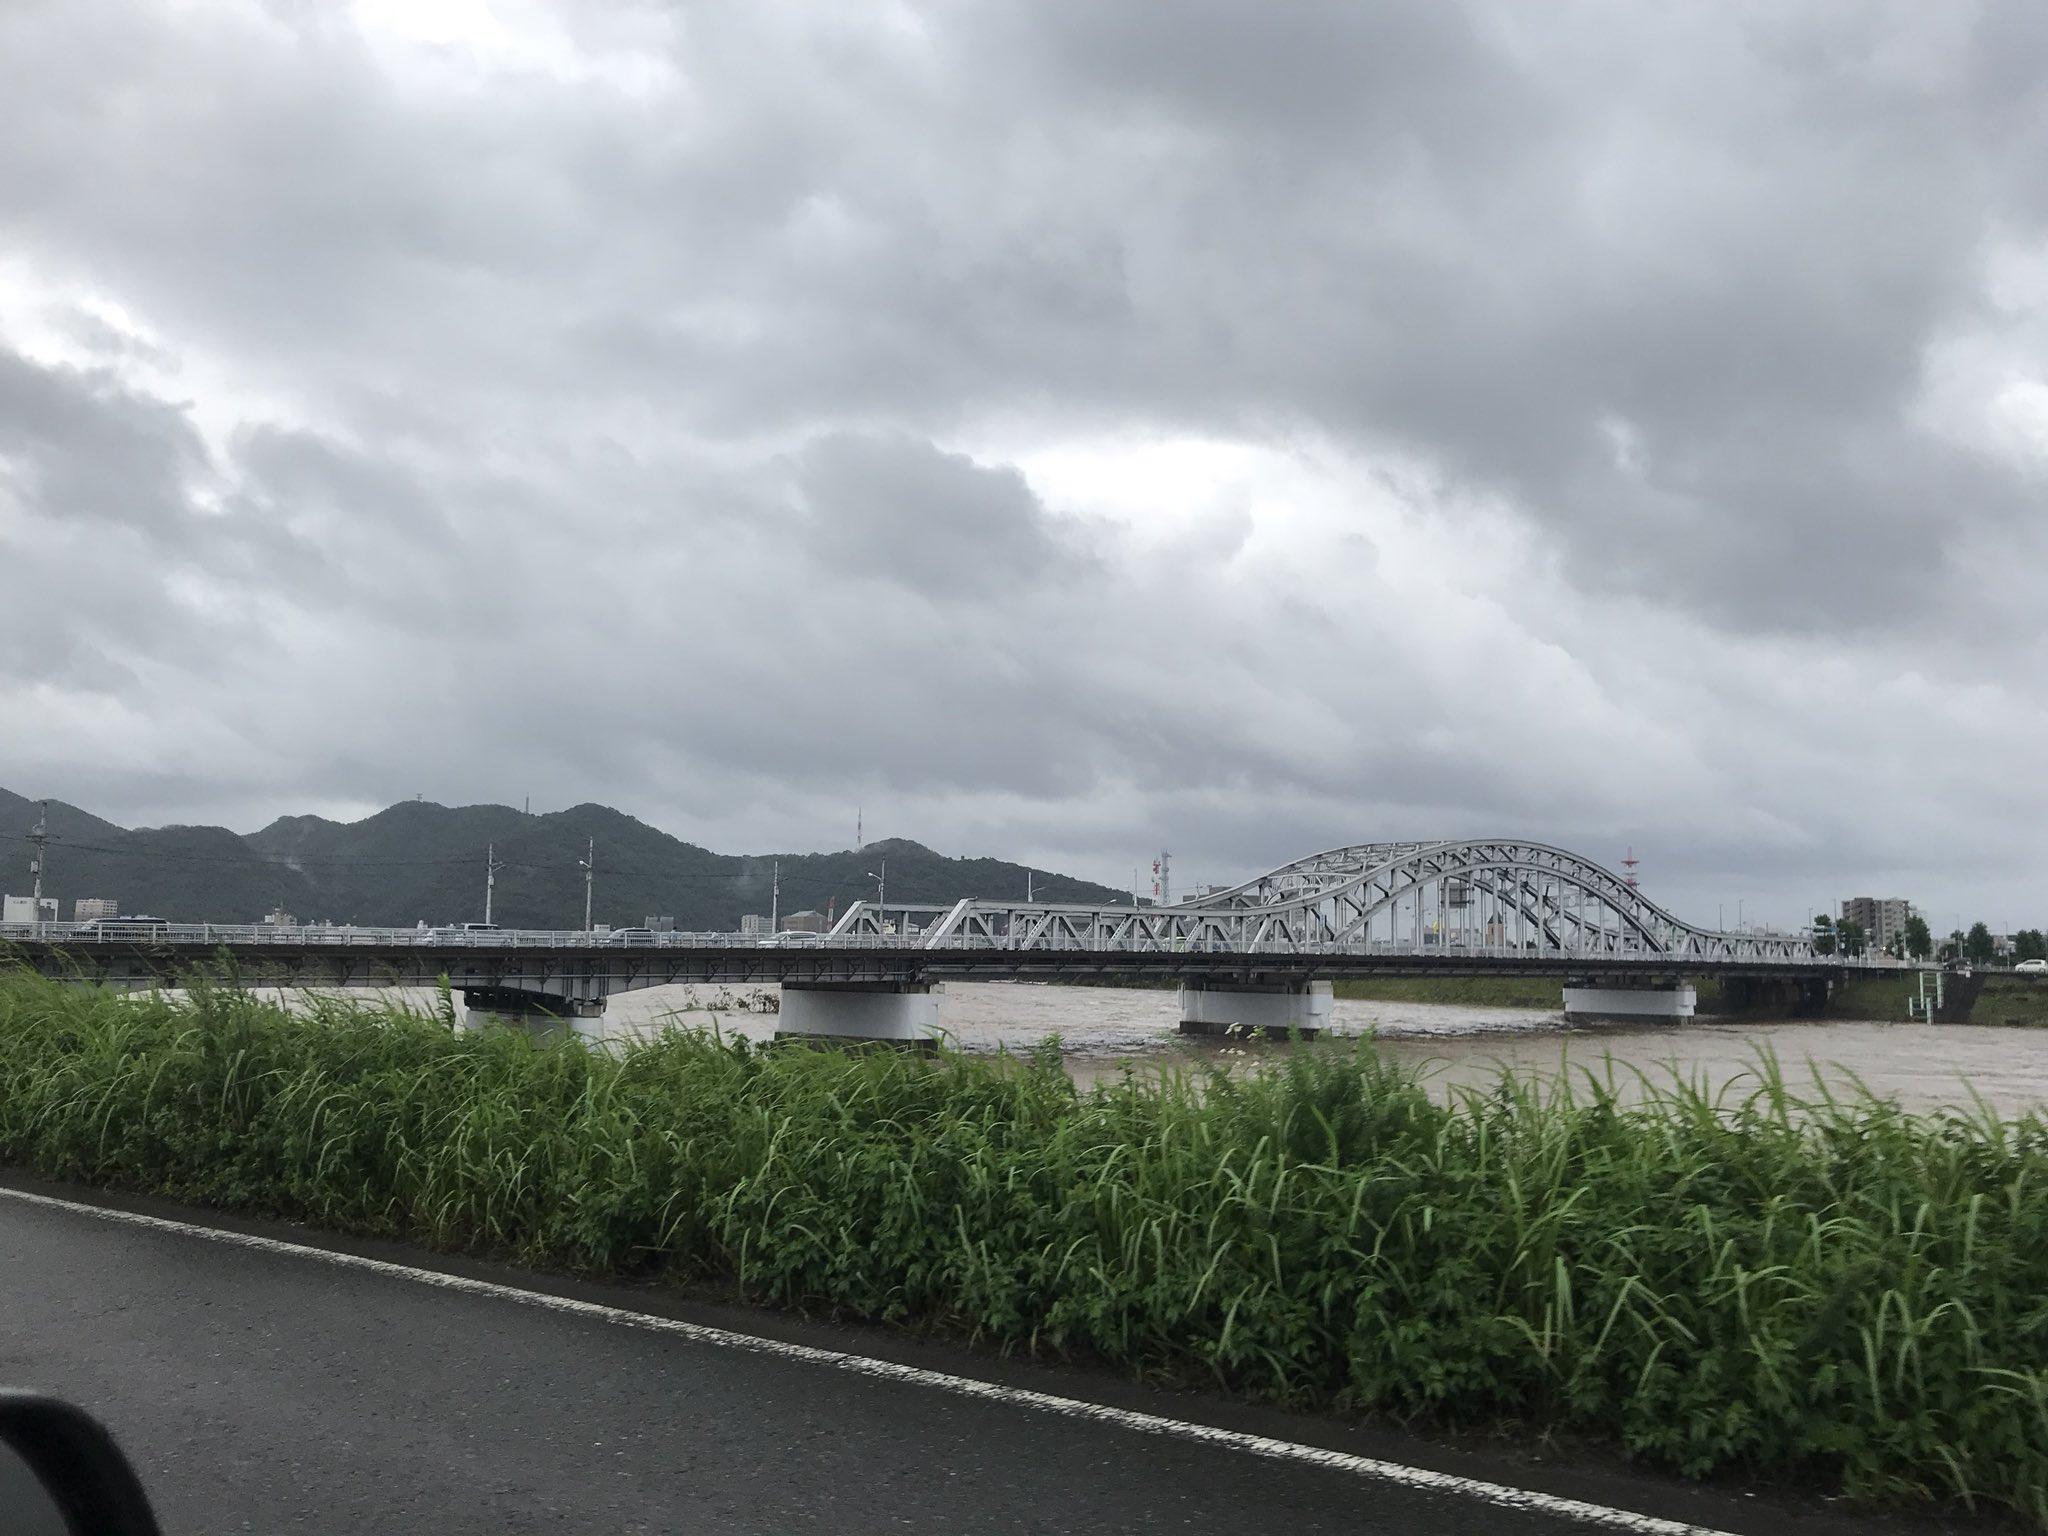 画像,岐阜市内、長良川の状況。忠節橋、金華橋、長良橋。水位が高く、消防団の方々も待機してみえる状況です。早く雨が収まって欲しい https://t.co/lCbqxS…